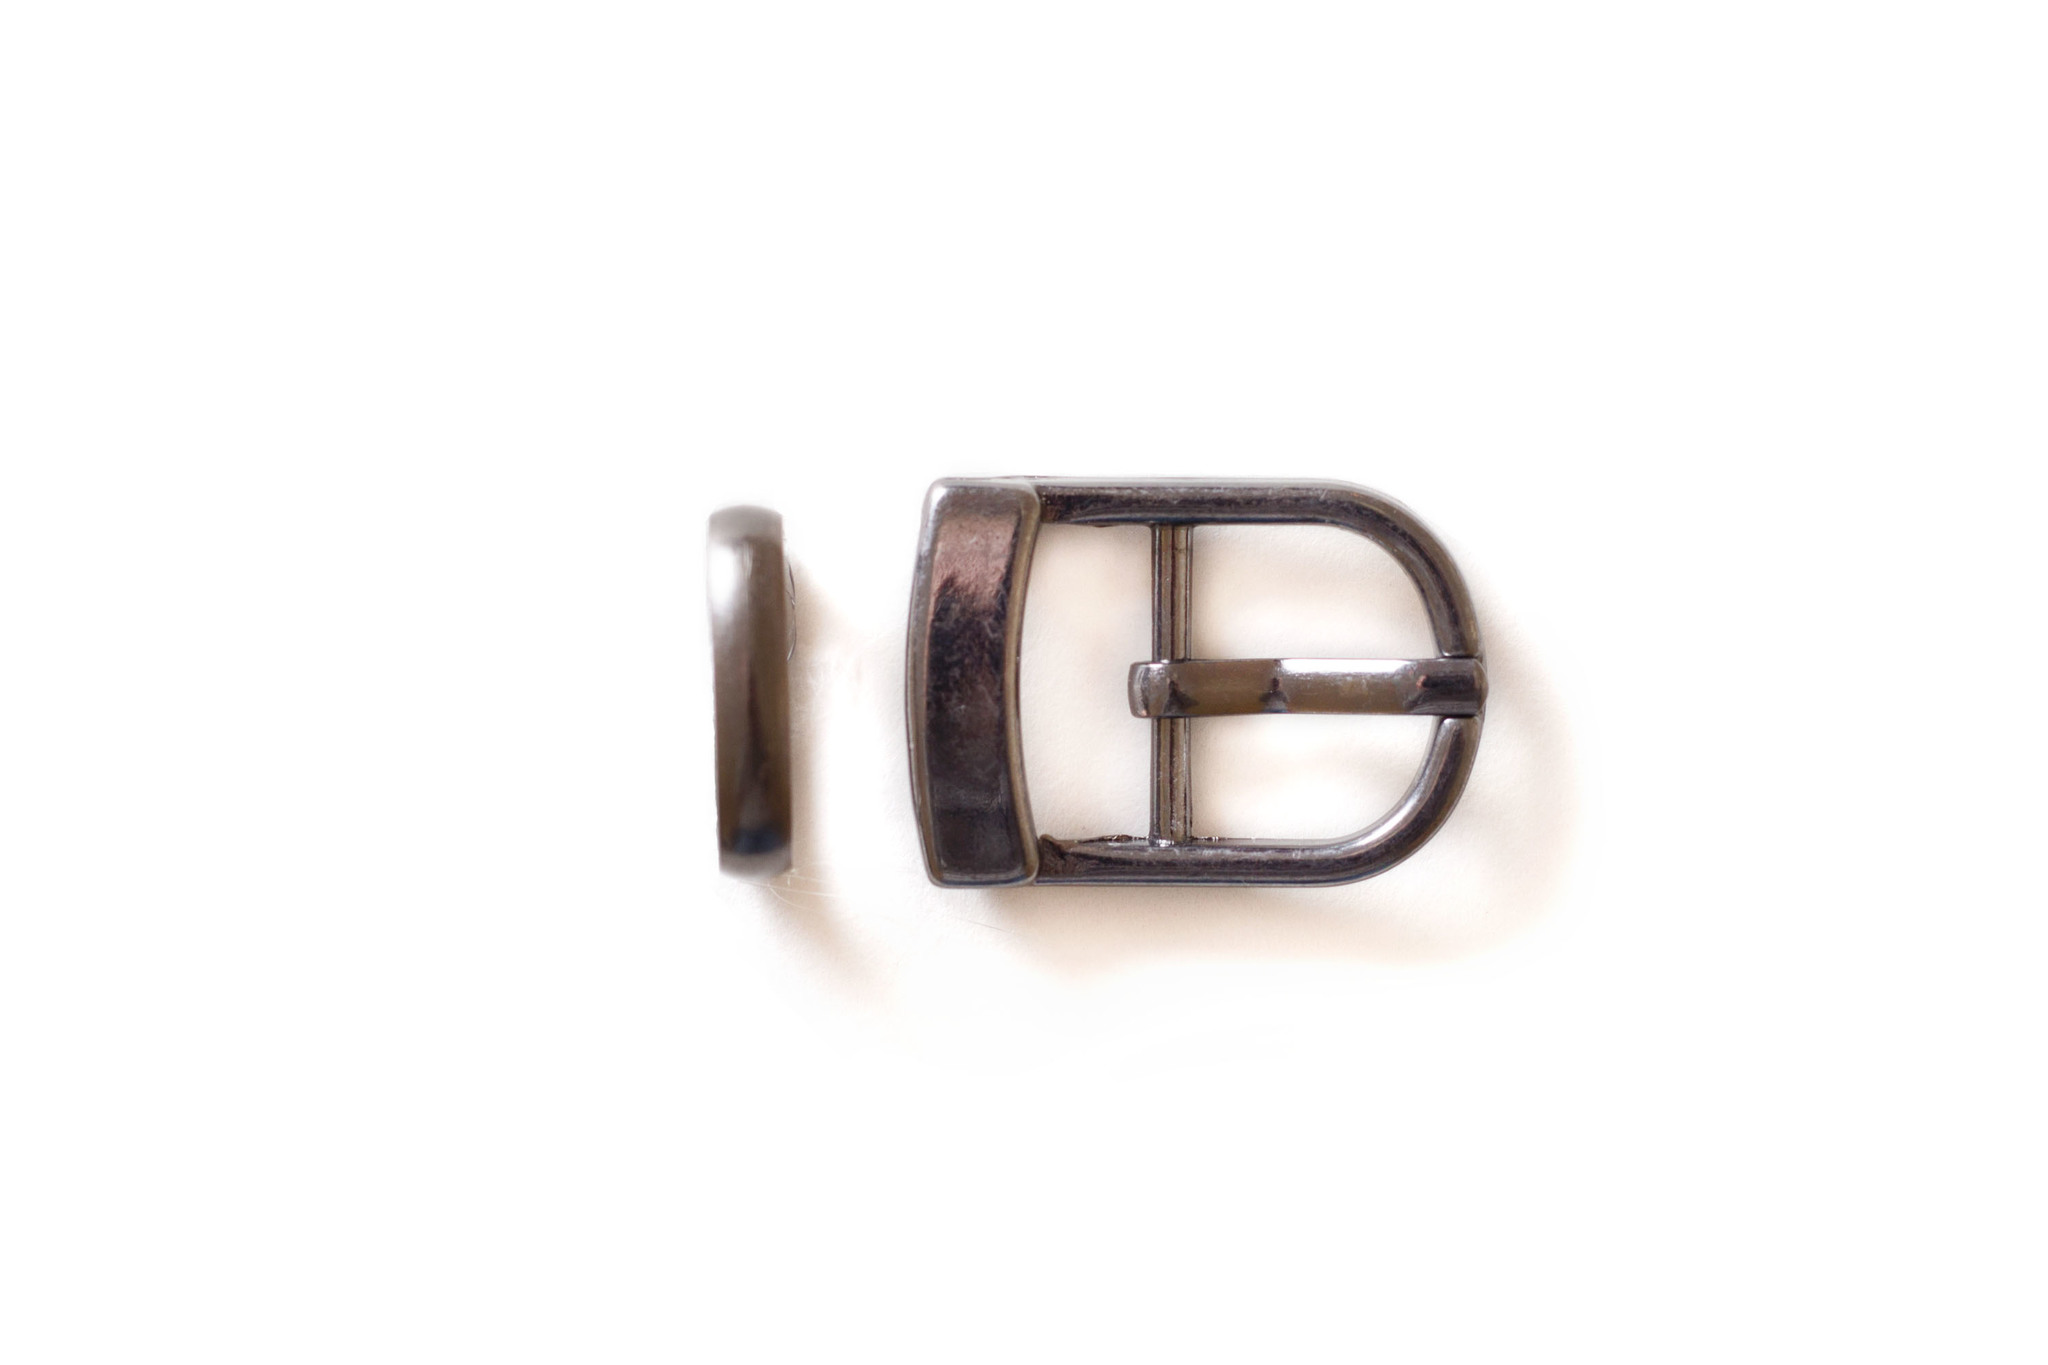 Пряжка со шлевкой 15 мм, темный никель